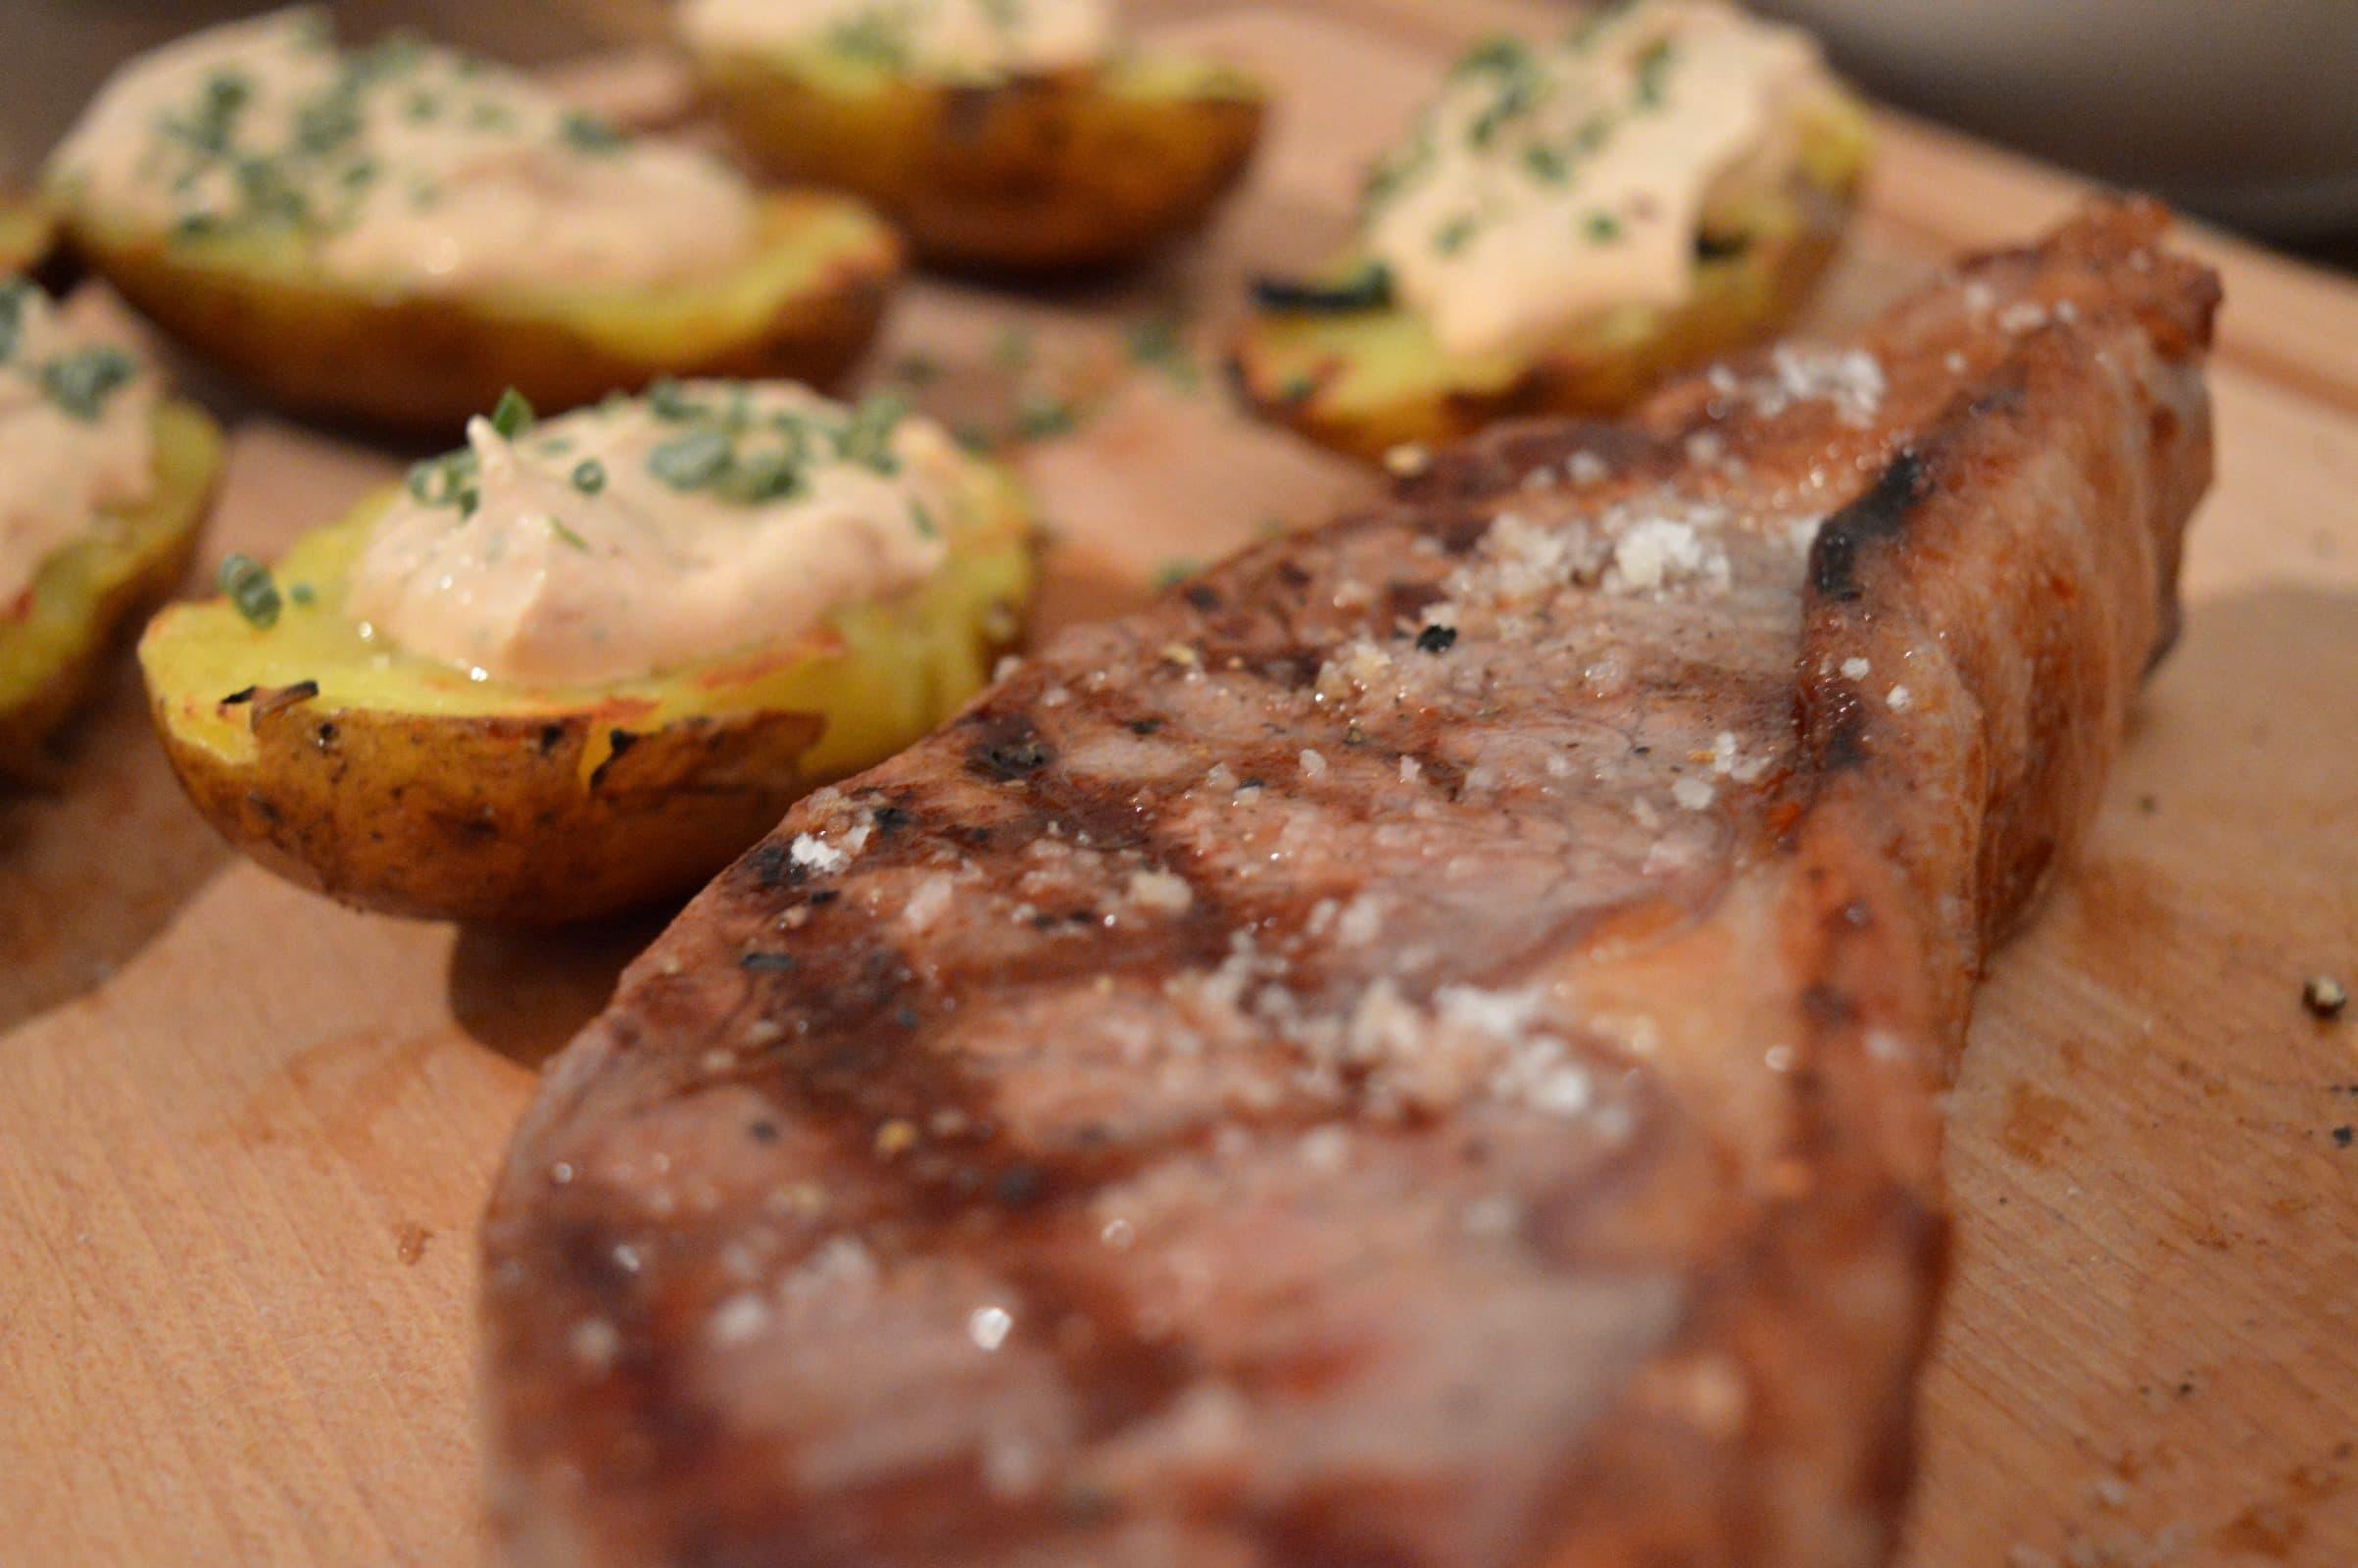 Pulled Pork Gasgrill Verbrauch : Weber go anywhere: ein grill geht auf reisen bacon zum steak